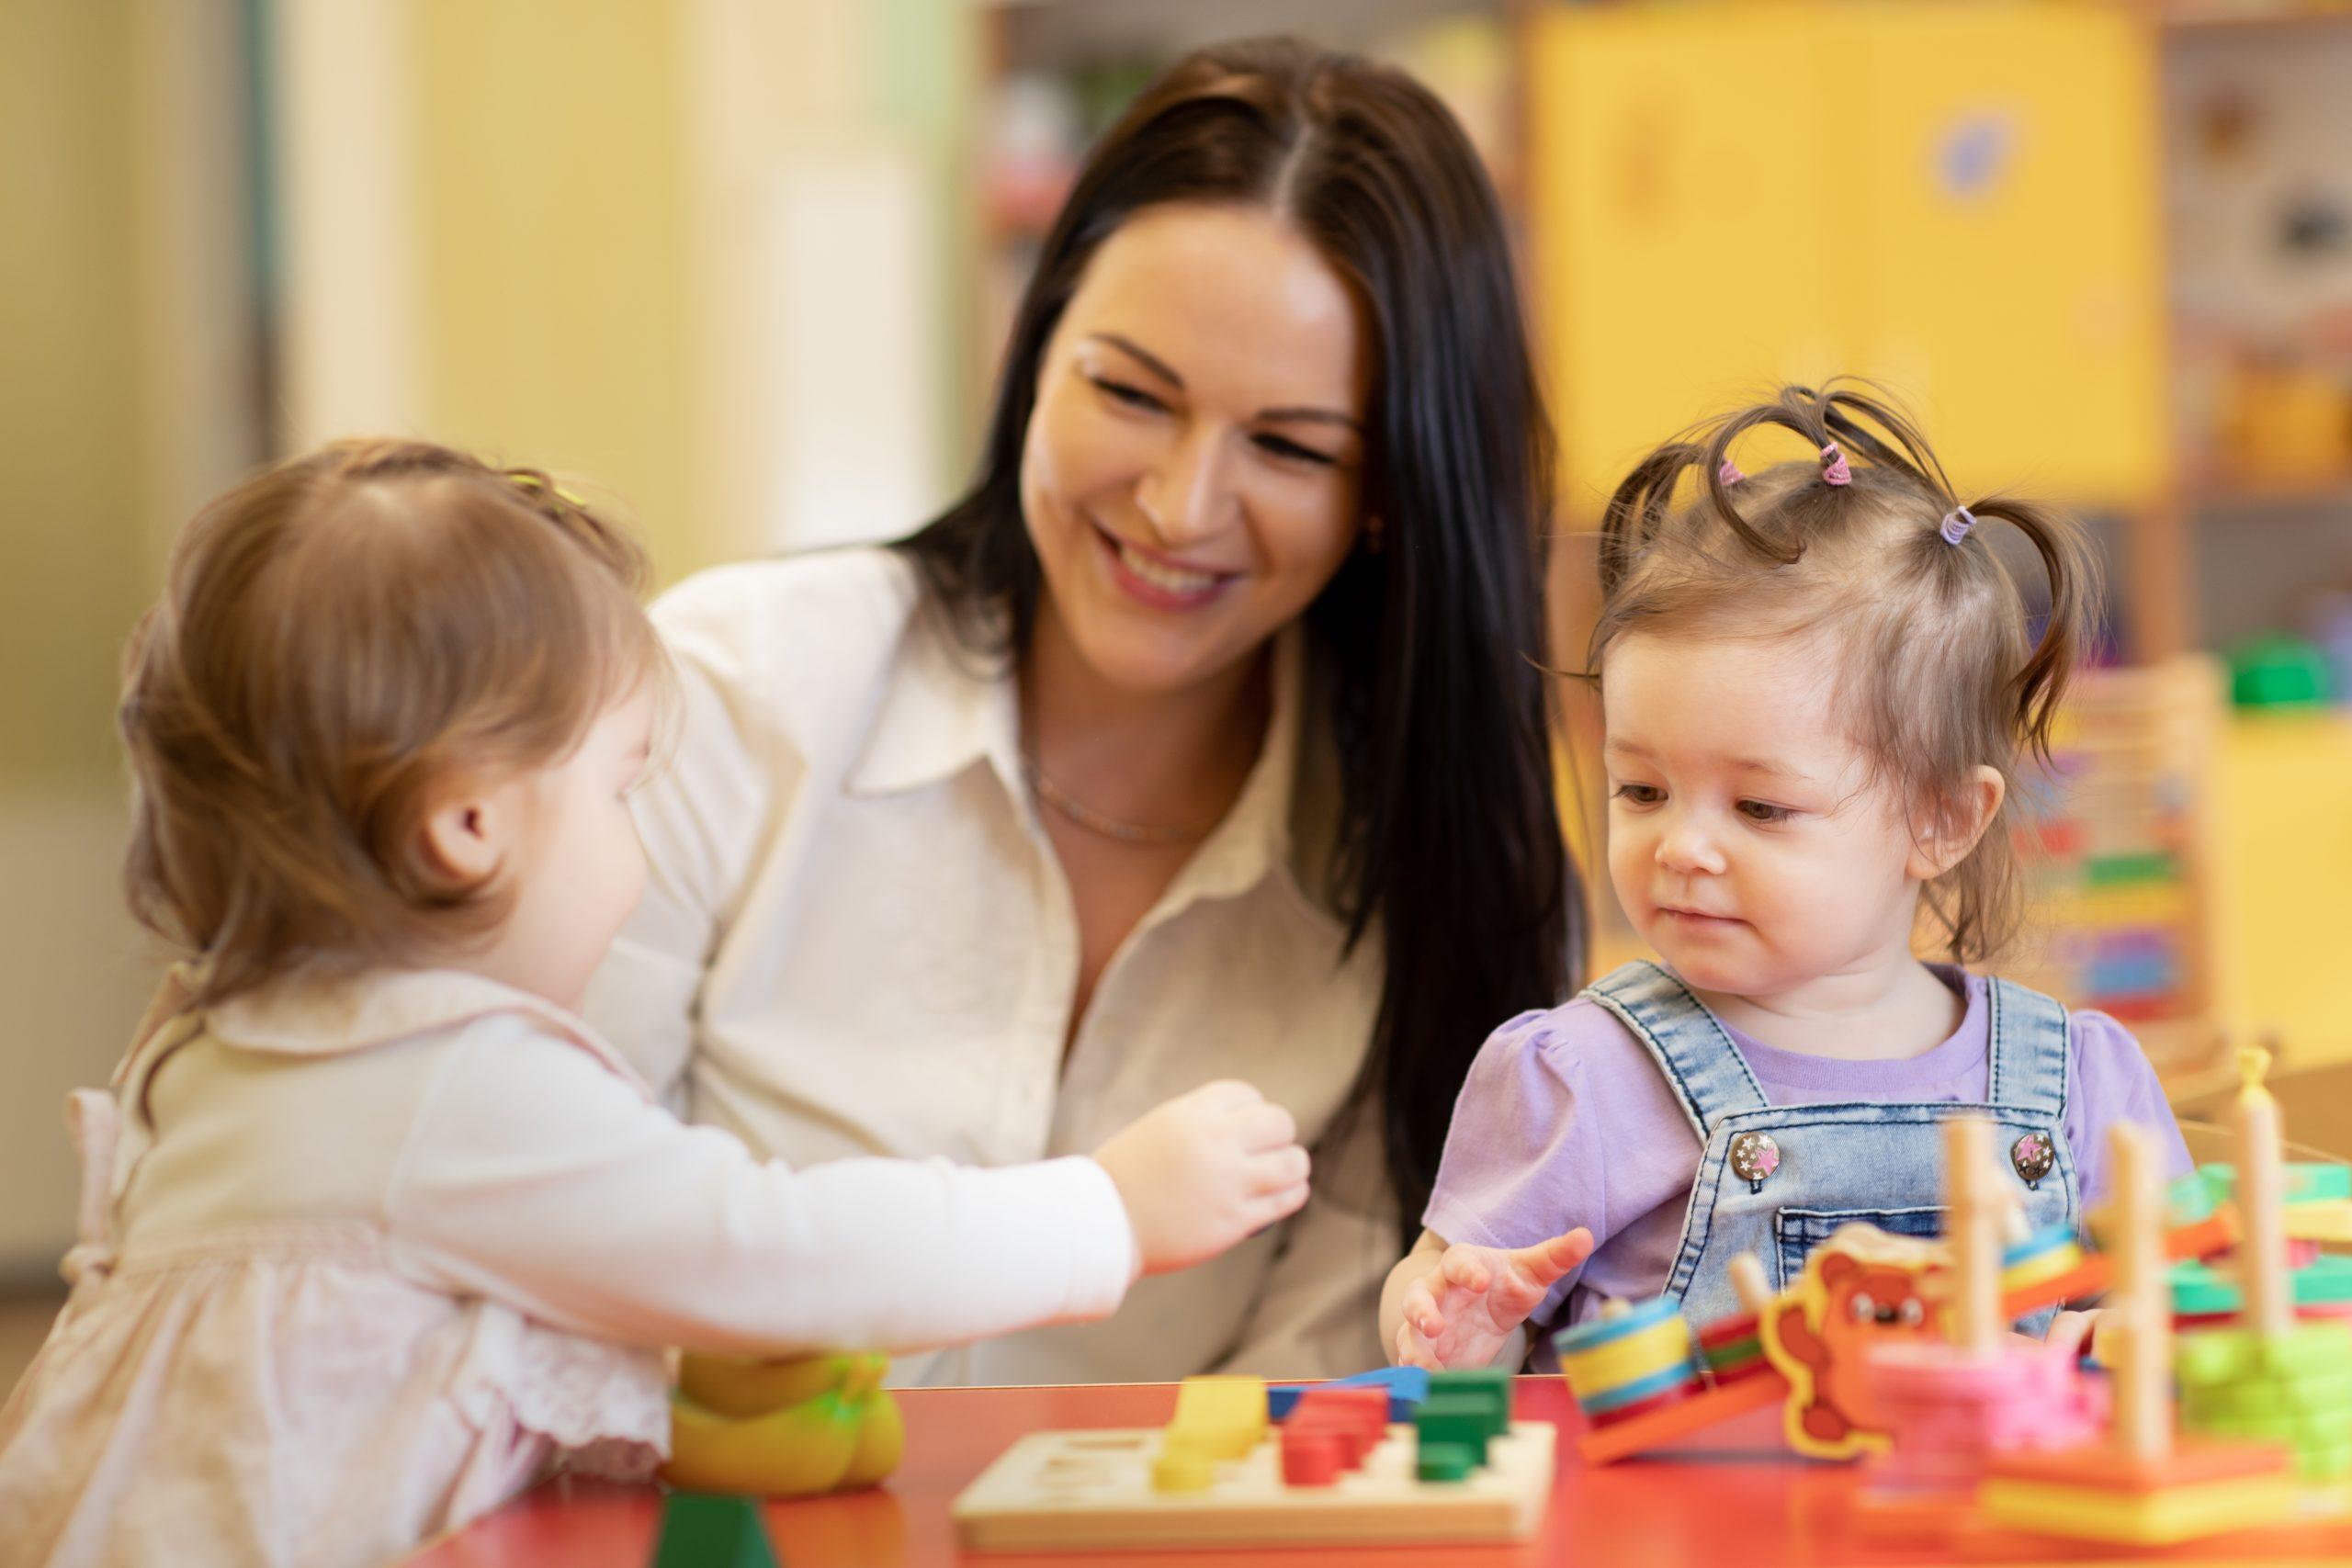 Frau spielt mit 2 kleinen Mädchen am Tisch - Deutsches Ferninstitut für Bildung, Pädagogik und Sozialmanagement GmbH